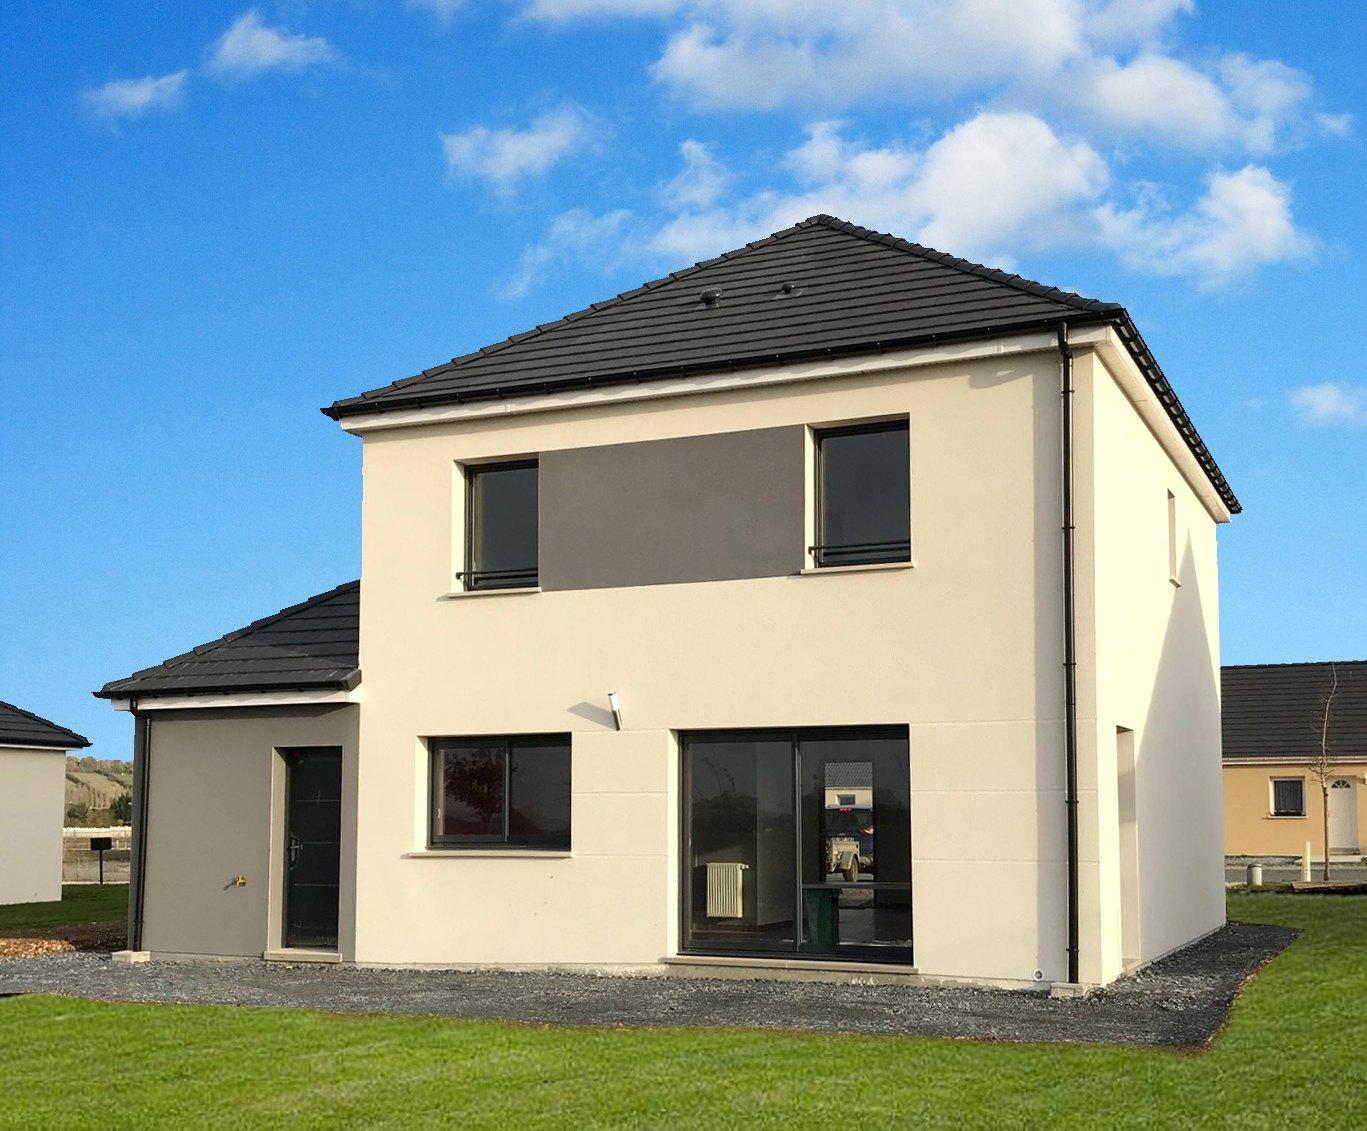 Maisons + Terrains du constructeur GEOXIA NORD OUEST • 110 m² • BONSECOURS